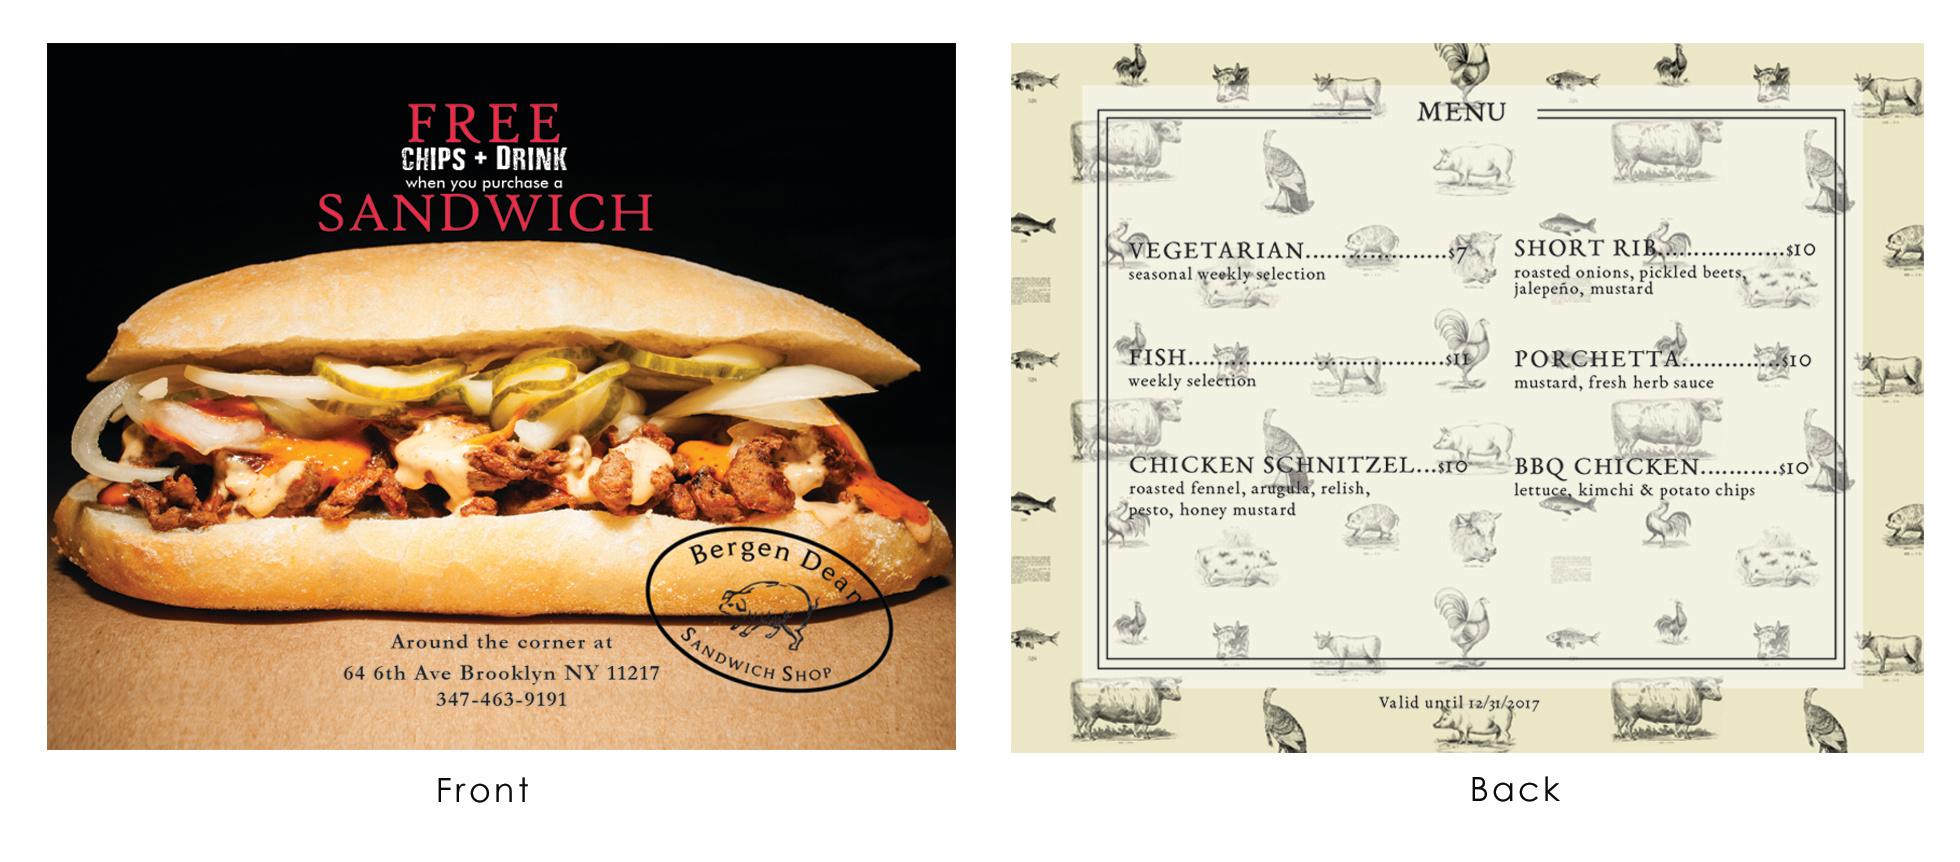 Sandwich flyer